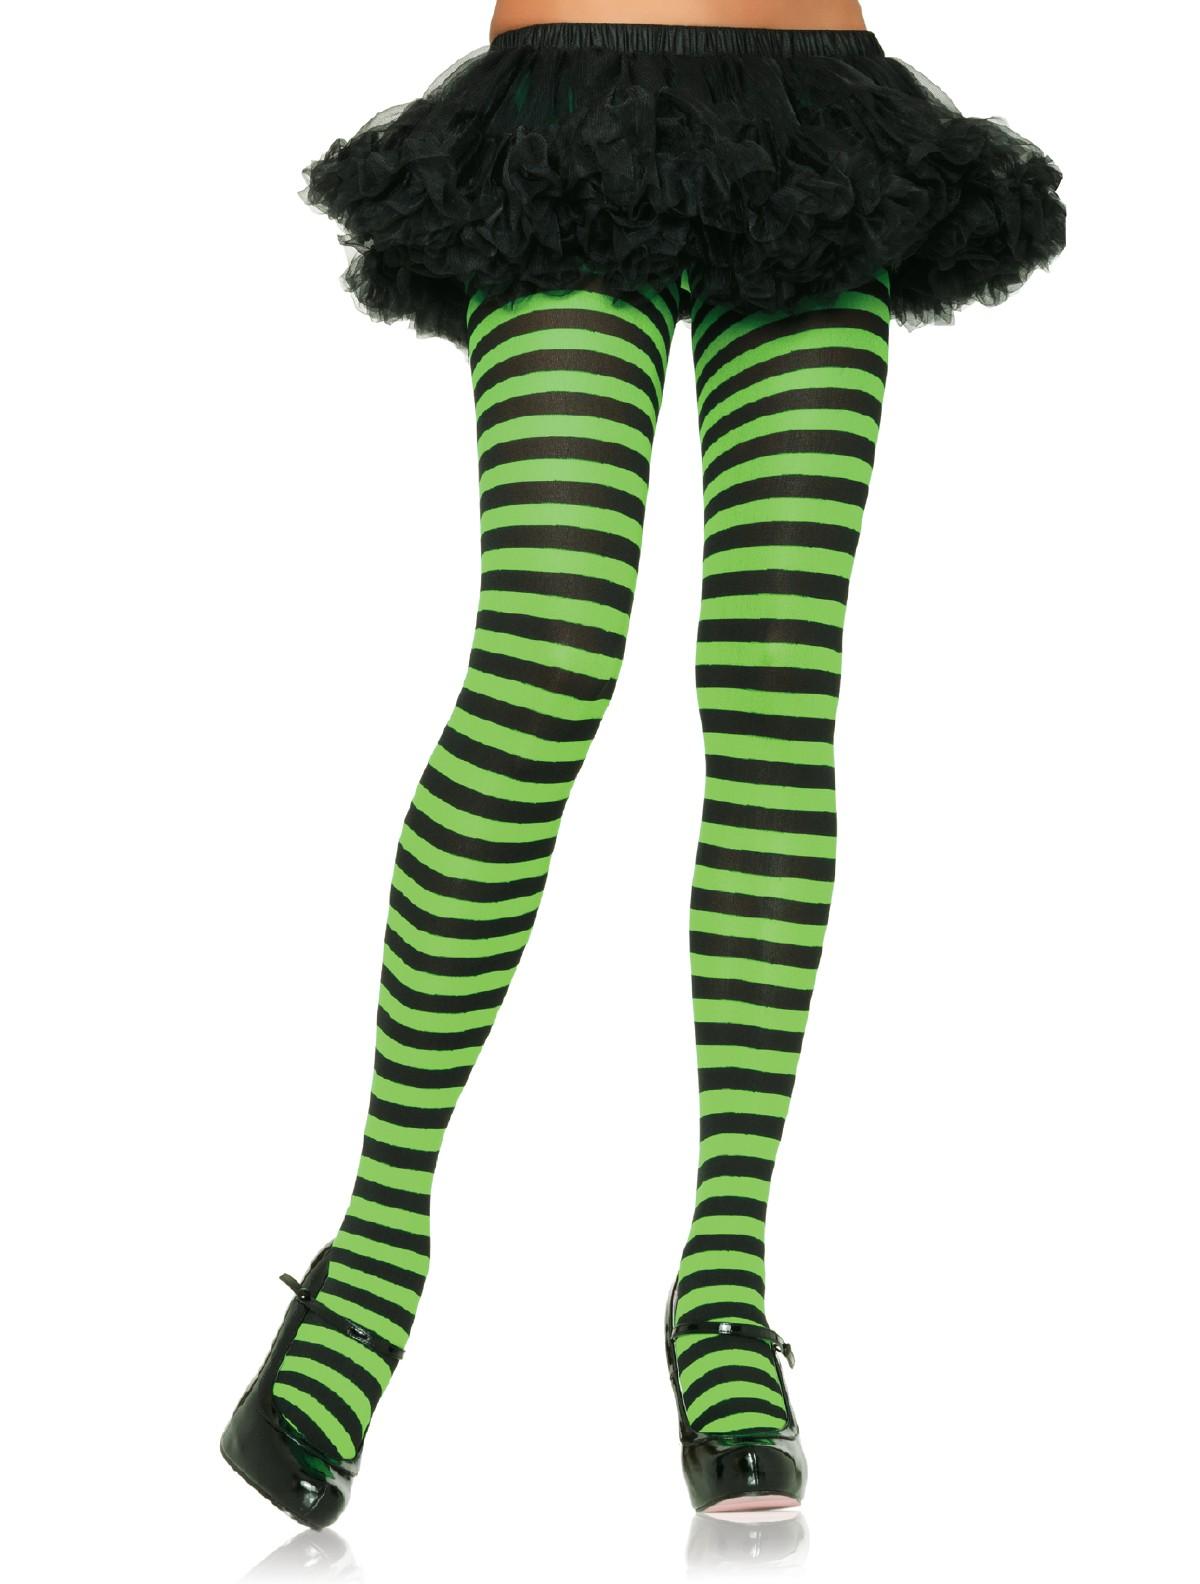 2c937d1200 Leg Avenue Ringel-Strumpfhose - schwarz/grün, schwarz/weiss, schwarz ...